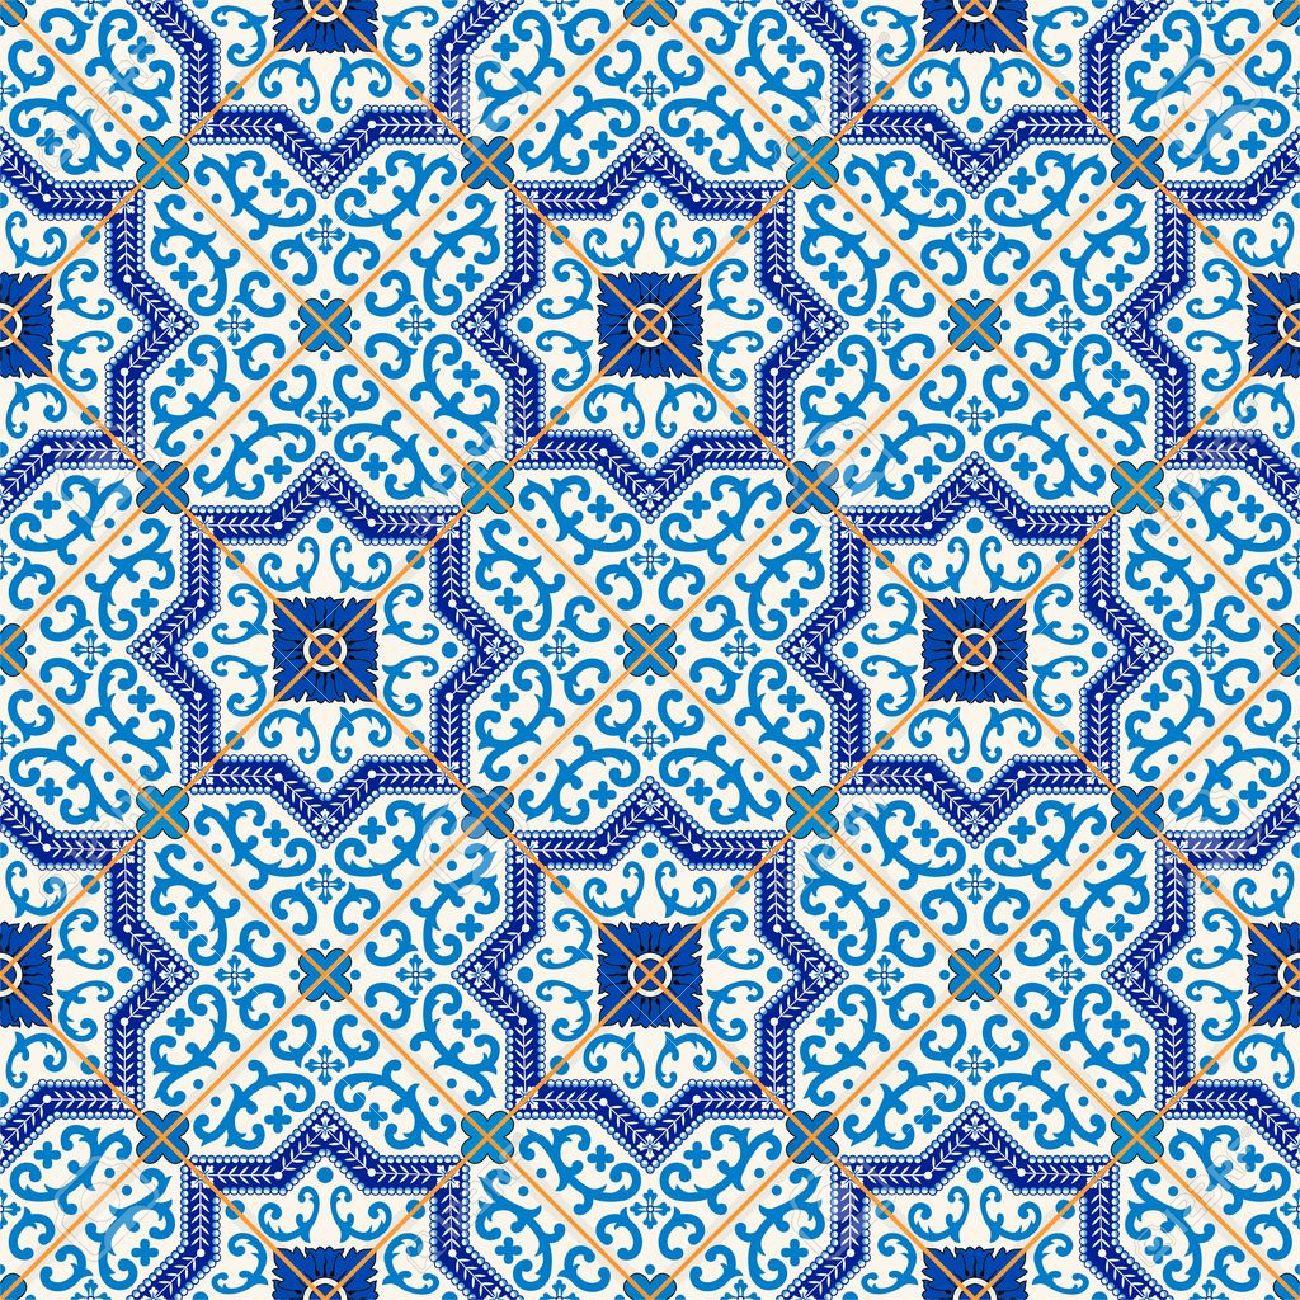 濃い青と白モロッコ ポルトガルのタイル Azulejo 飾りから豪華なシームレス パターン Web ページの背景テクスチャ パターンの塗りつぶしの壁紙に使用できます のイラスト素材 ベクタ Image